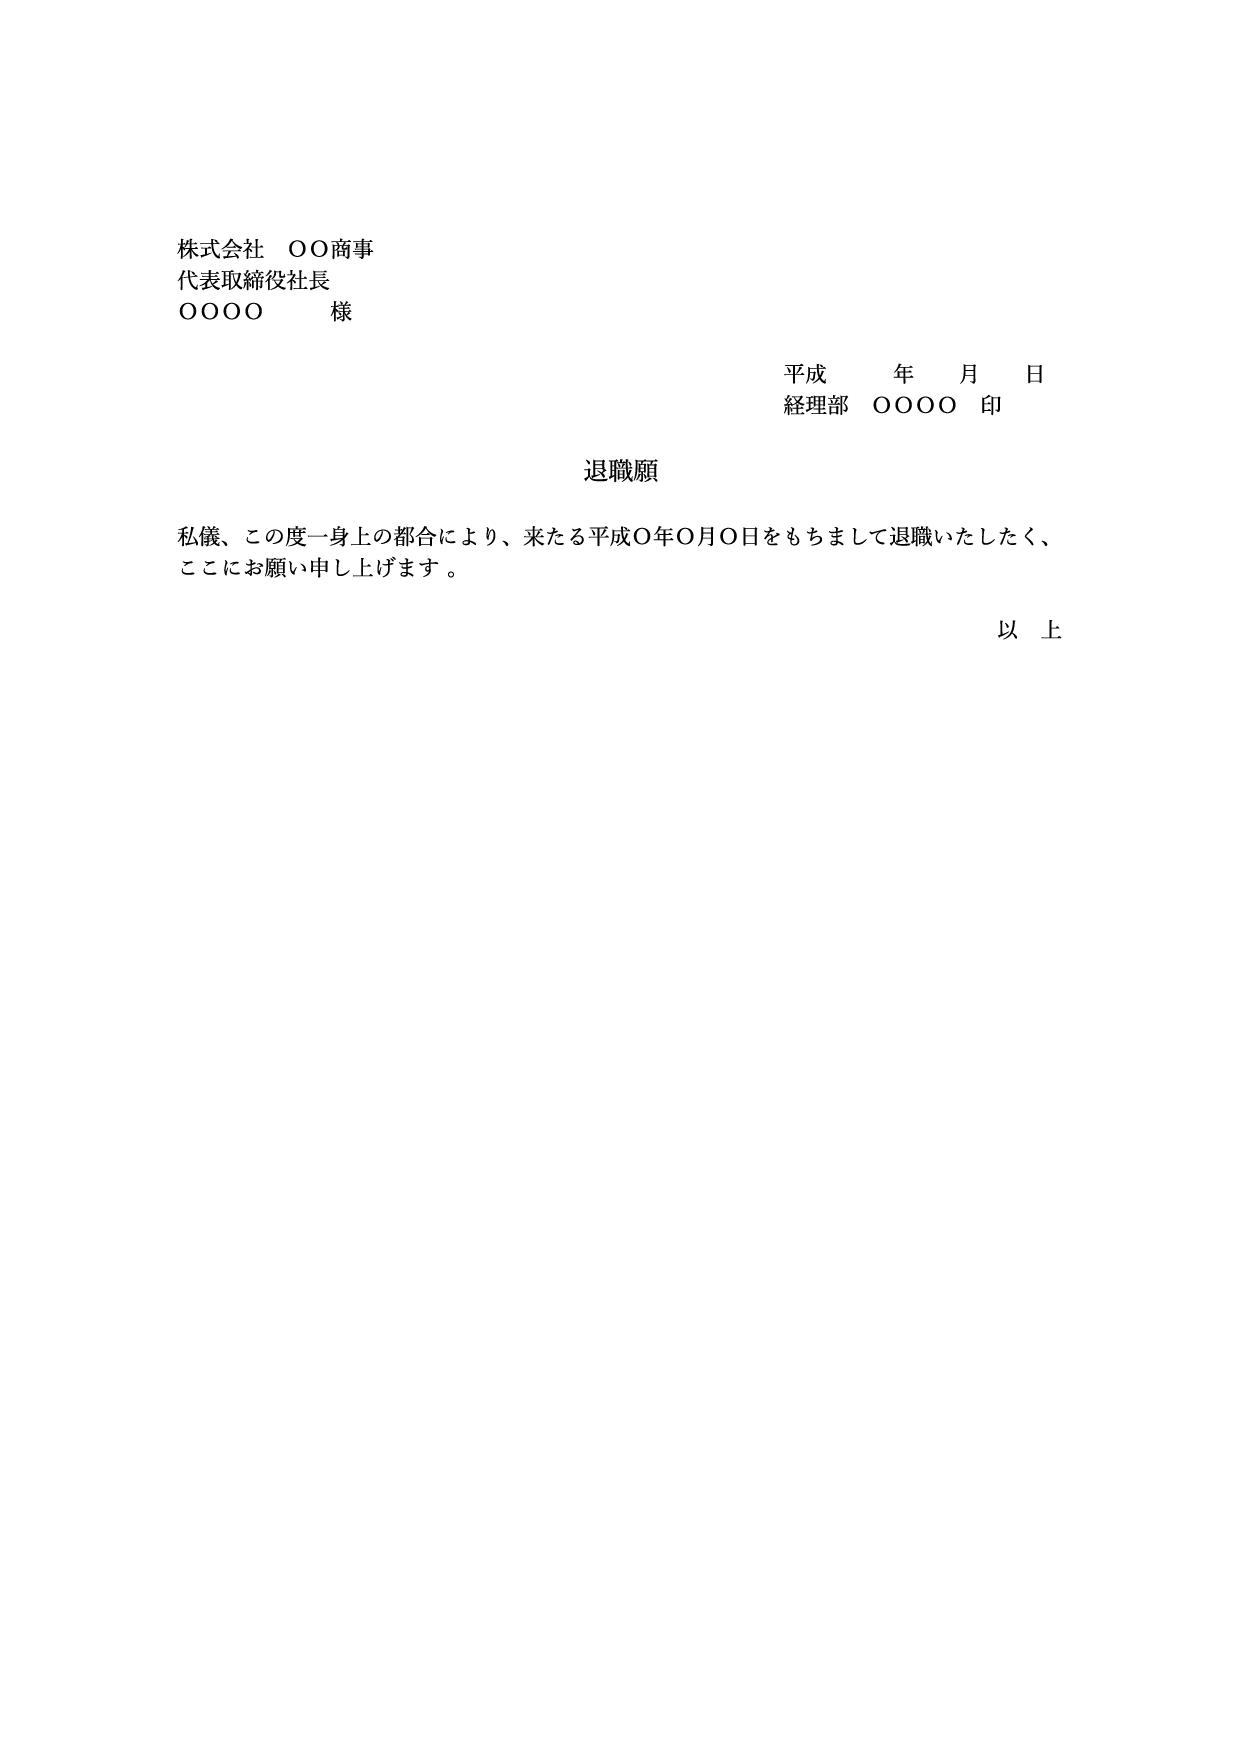 退職願い テンプレート_スーパーシンプル(ワード・ページズ)